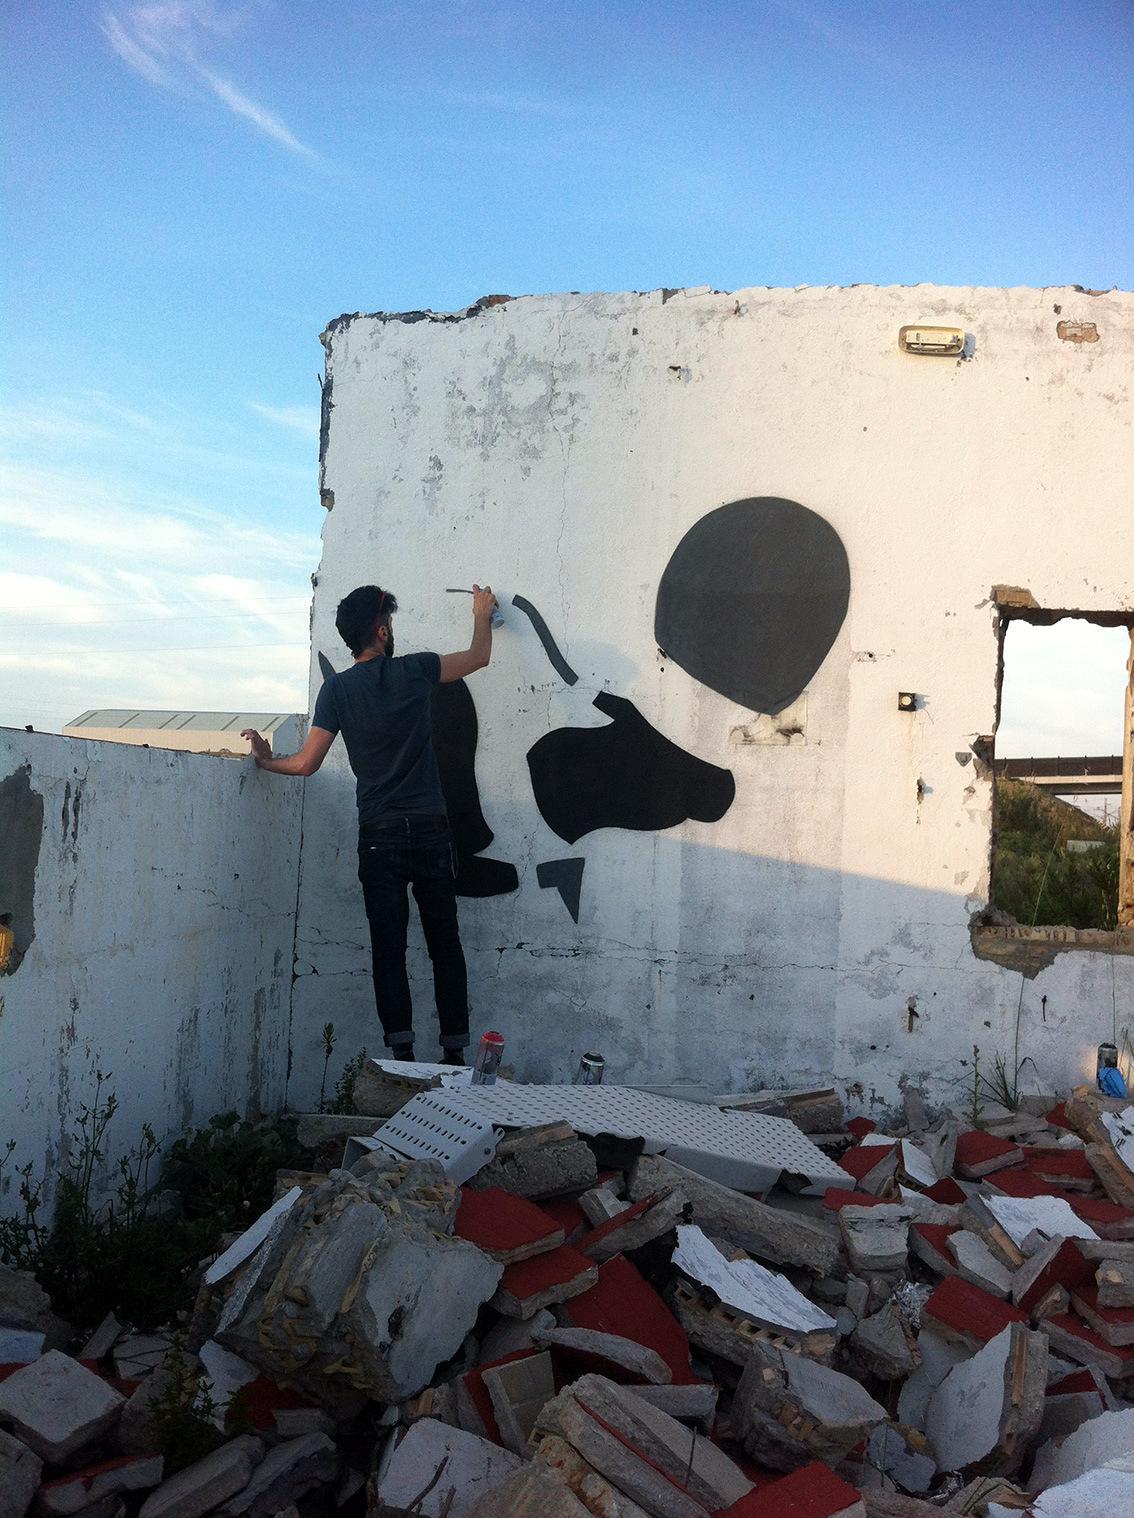 La serie negra llega a Andalucía